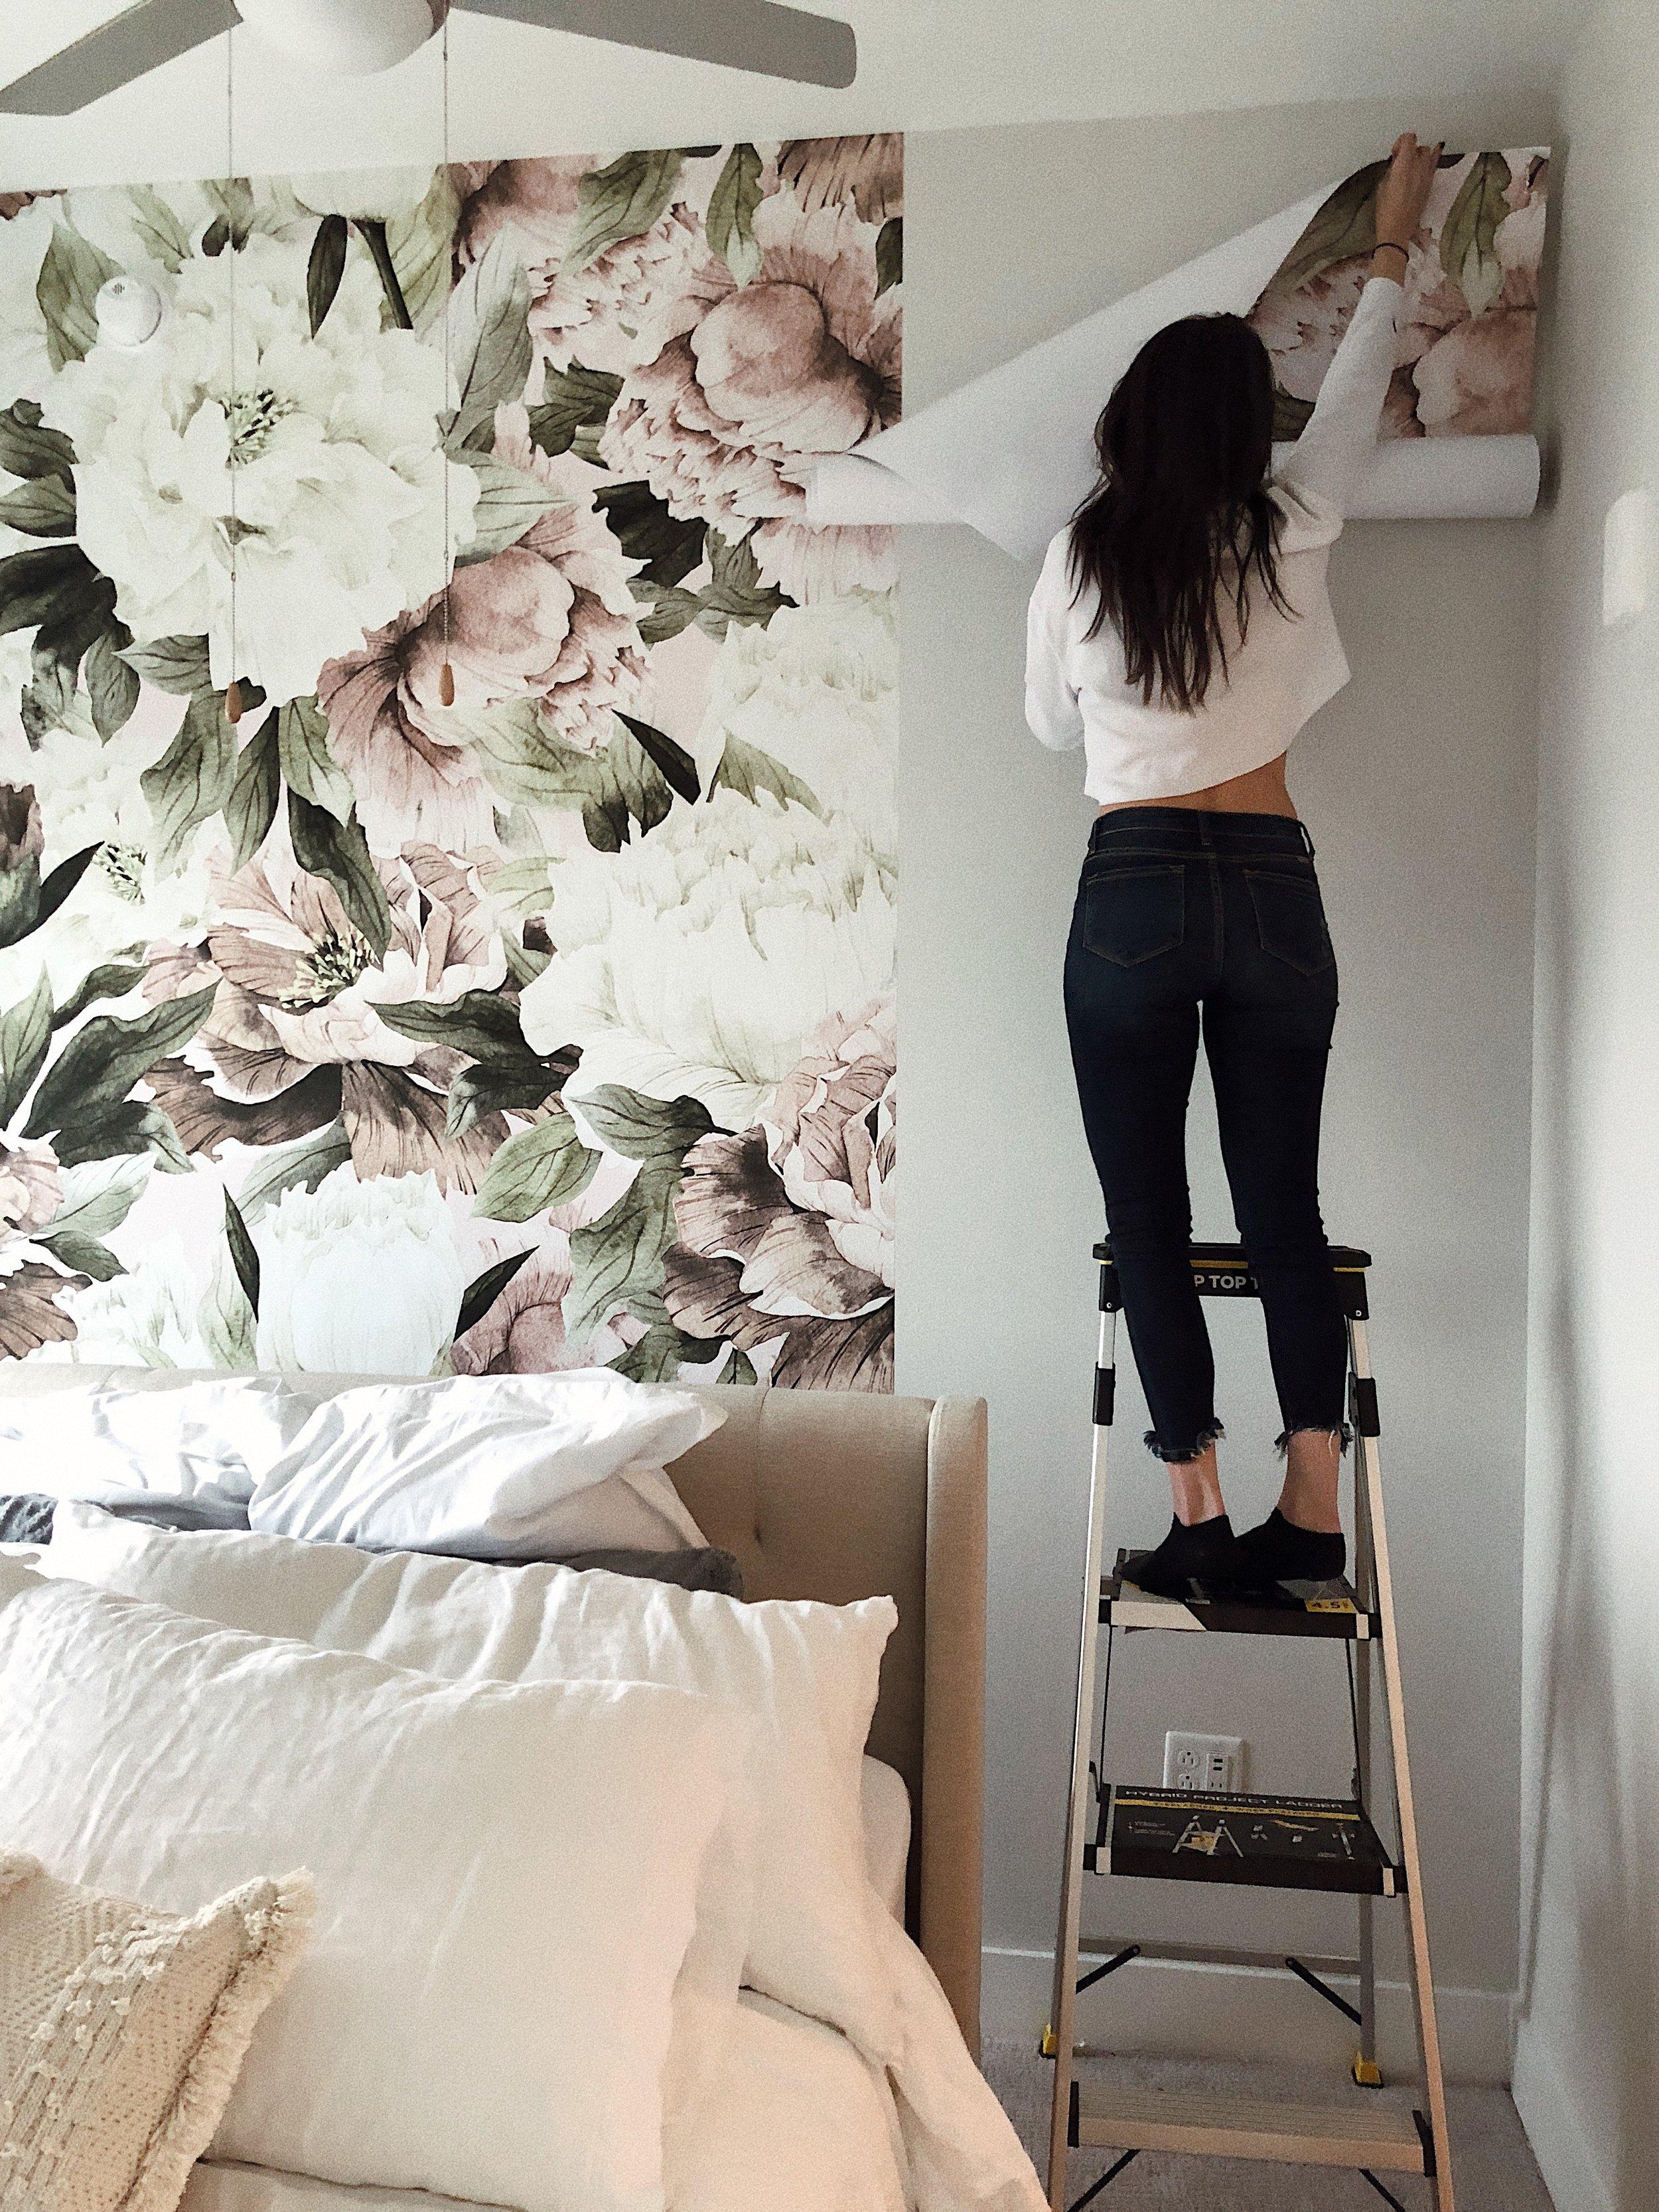 wallpaper installation peony.JPG